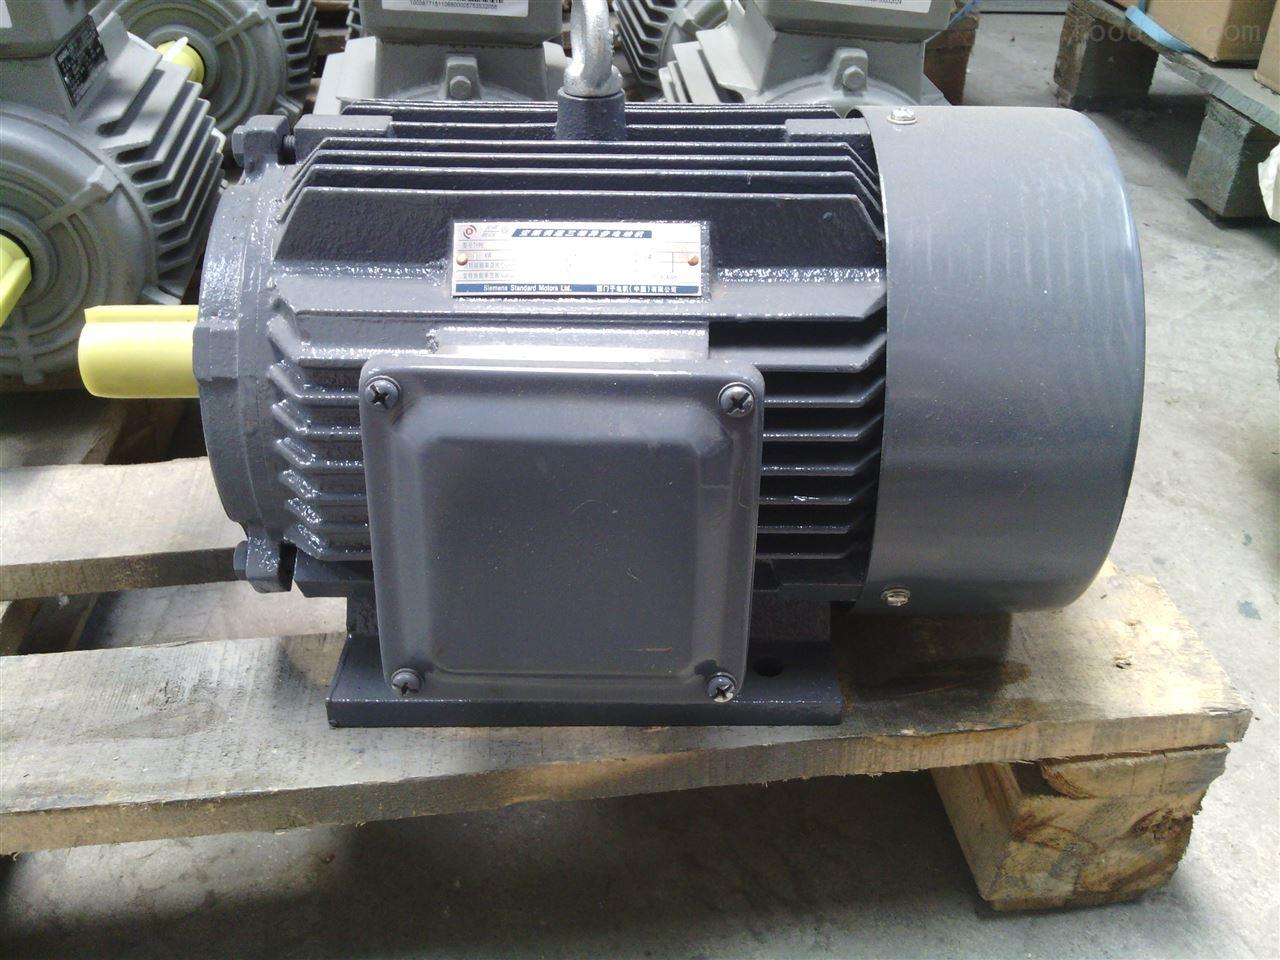 无锡市供应贝得电机1TL0001系列电动机 30KW-4P-B3现货  1TL0系列三相异步电动机具有结构新颖、造型美观、噪音低、振动小、绝缘等级高等特点,产品现已达到九十年代国际先进水平,是Y系列电机的更新产品。外壳防护等级IP54。在海拔不超过1000m,环境空气温度不超过40时,电动机能额定运行。 1TL0001系列电机 额定功率:0.